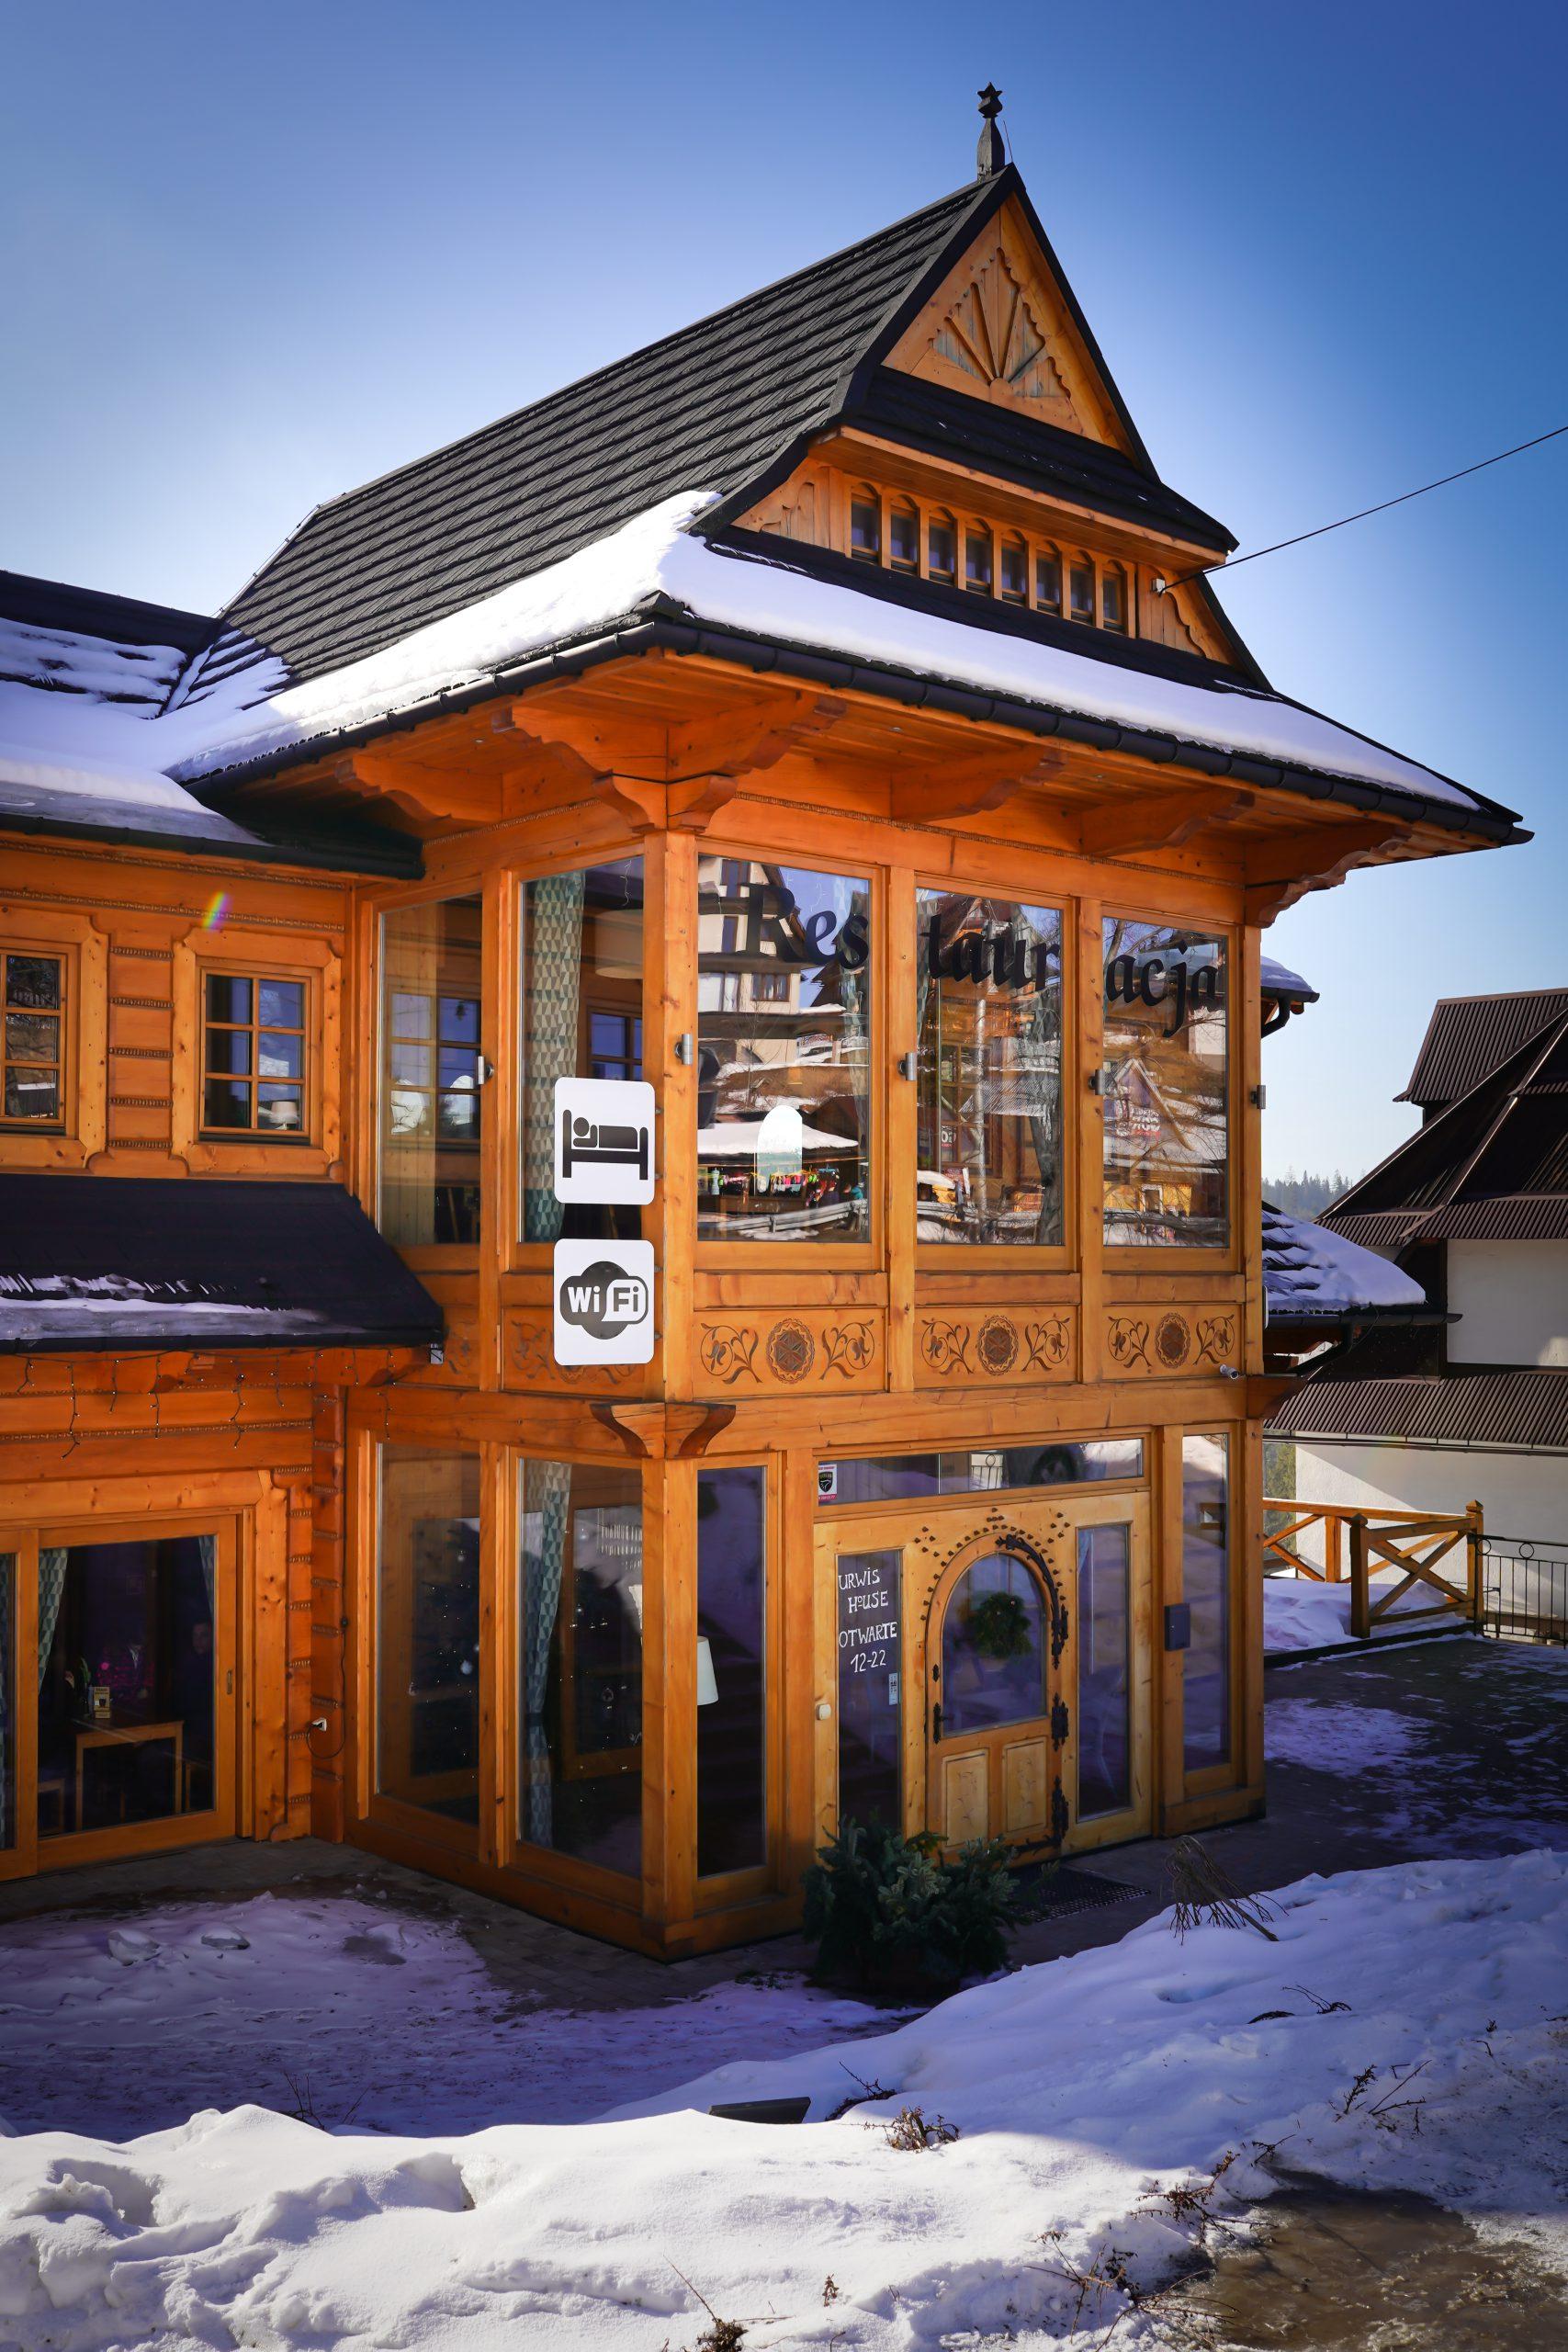 Urwis - Bukowina Tatrzańska 012020 00001